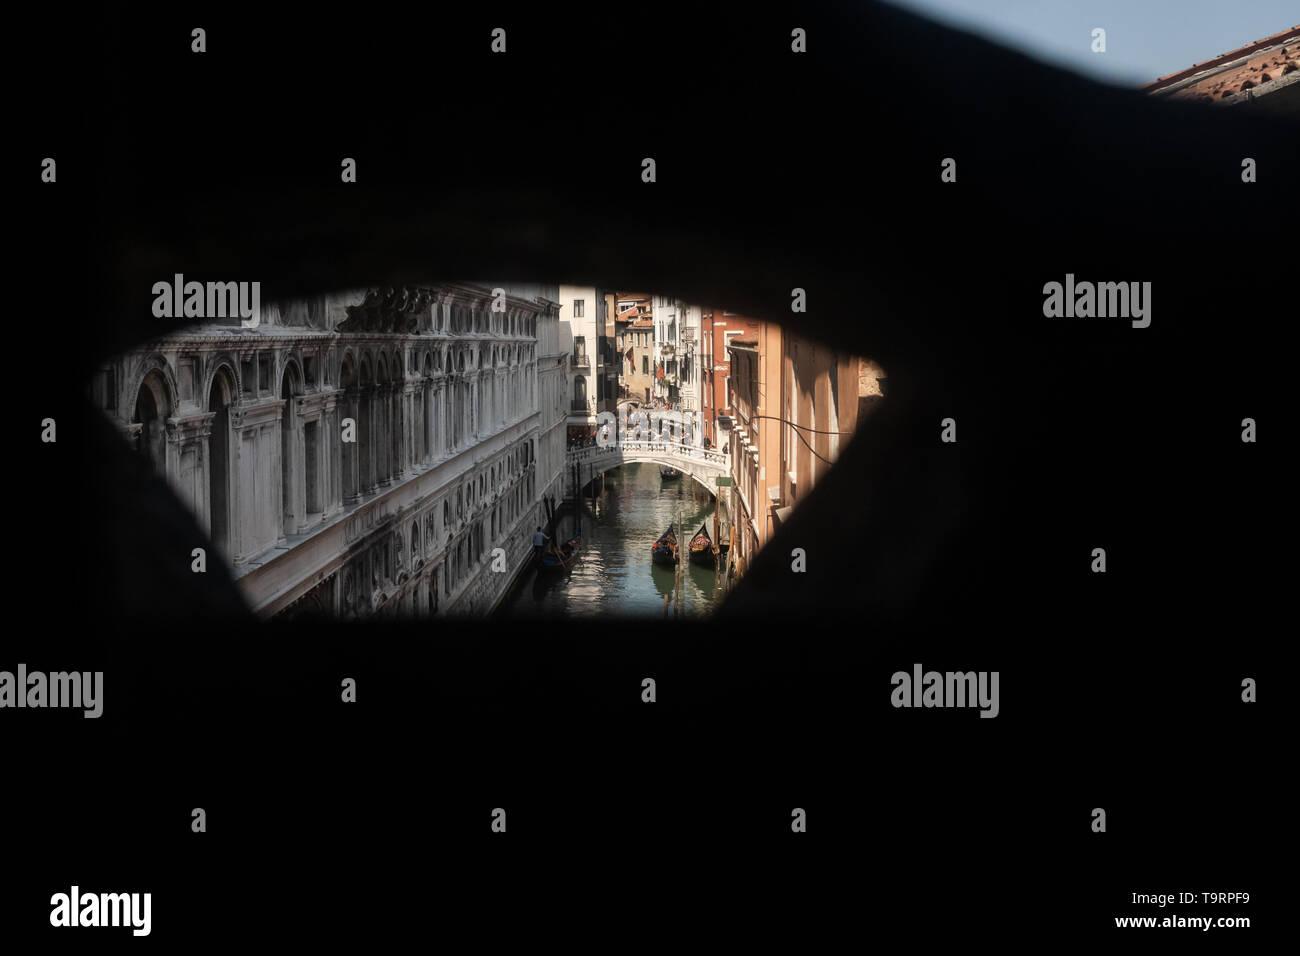 Venise, Italie - 18 avril 2019 Vue de Venise depuis le Pont des Soupirs au cours de la journée. C'était la dernière vue de Venise de prisoniers avant d'aller en prison Banque D'Images